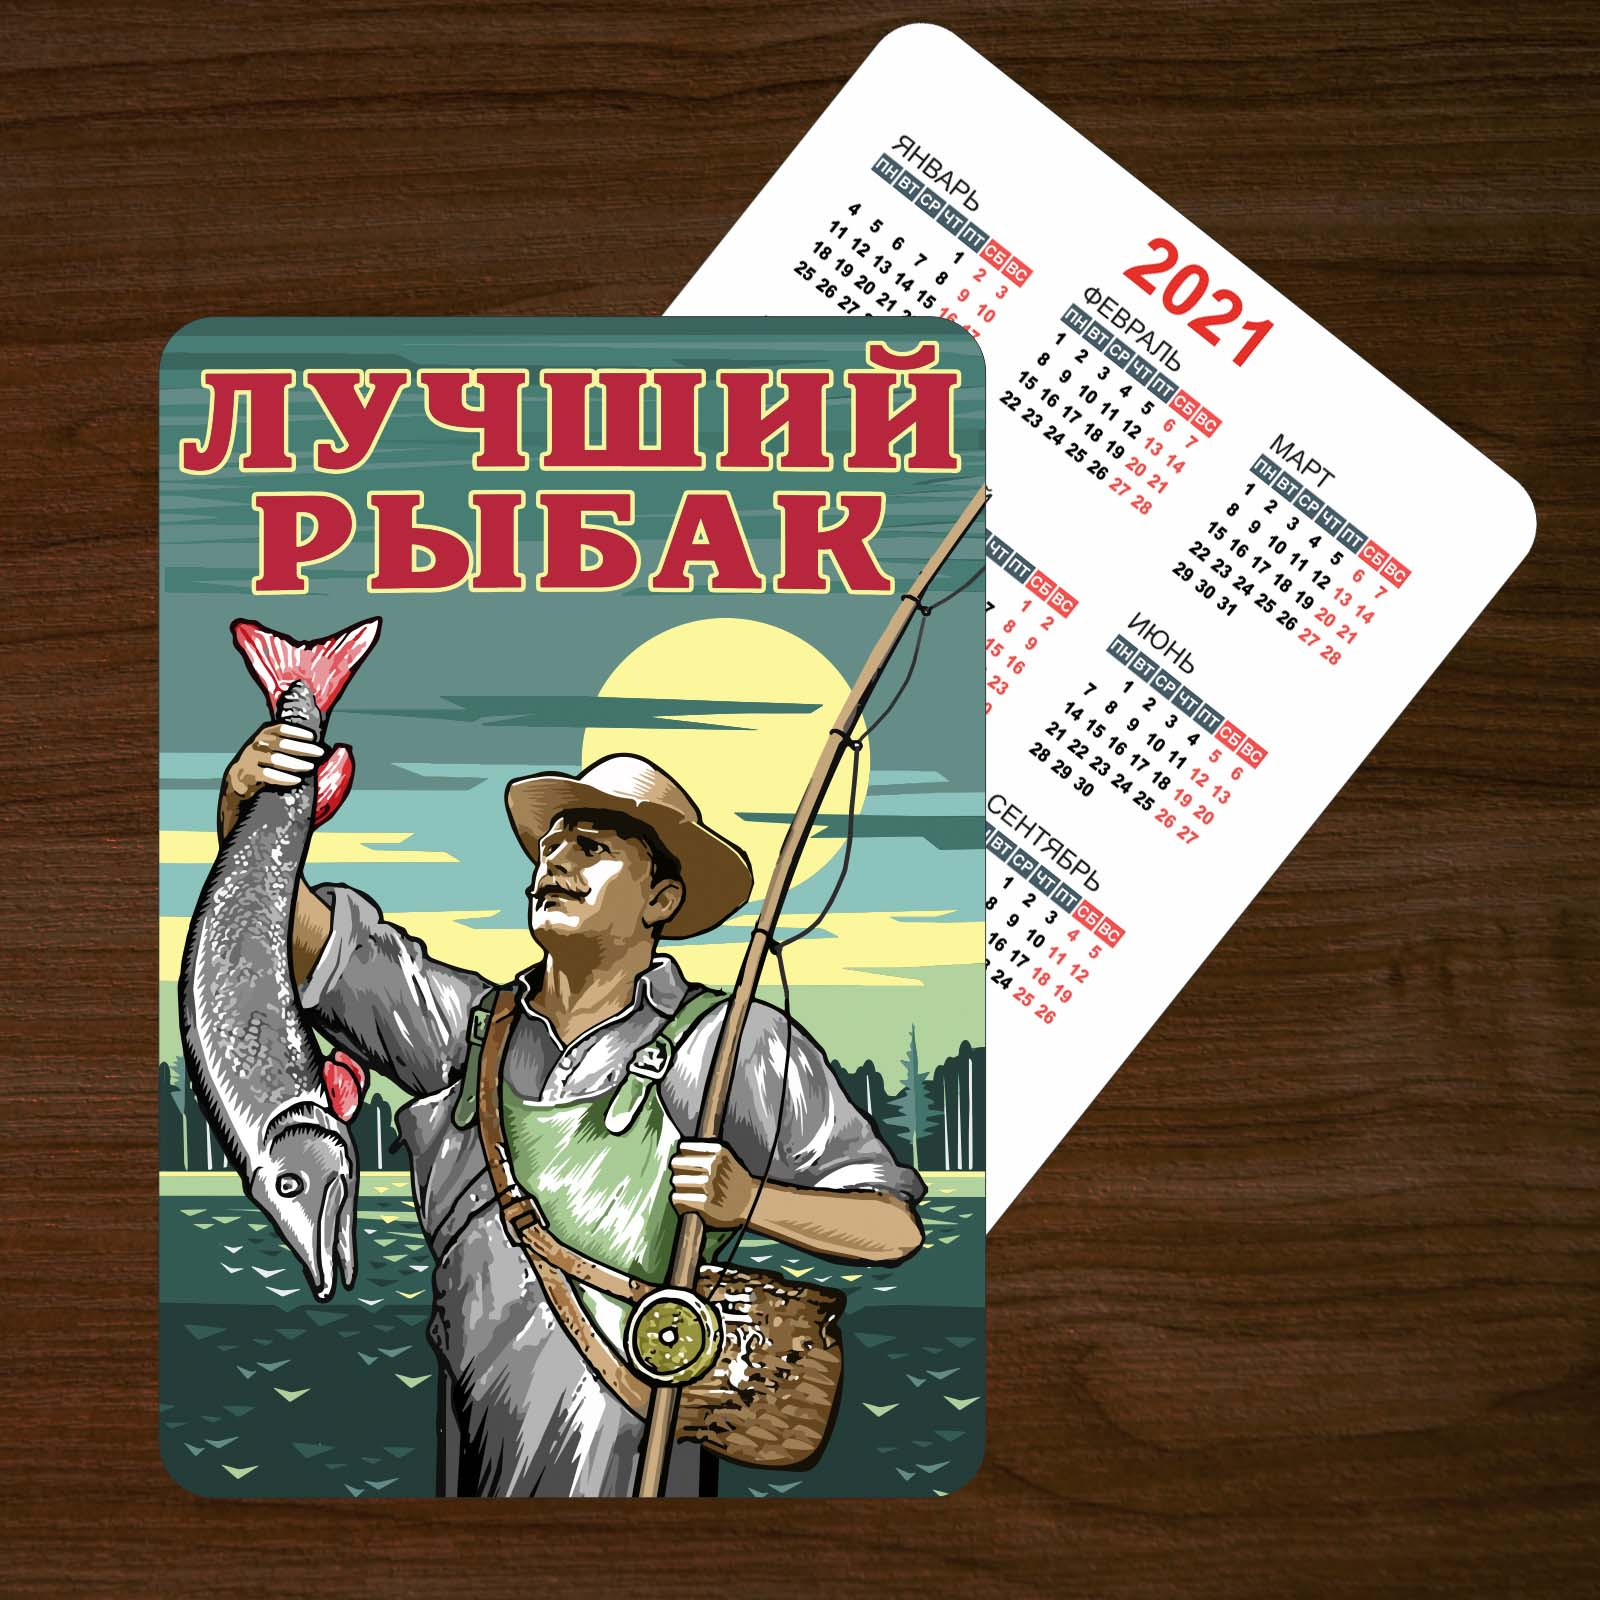 Карманный календарик Лучшему рыбаку (2021 год)